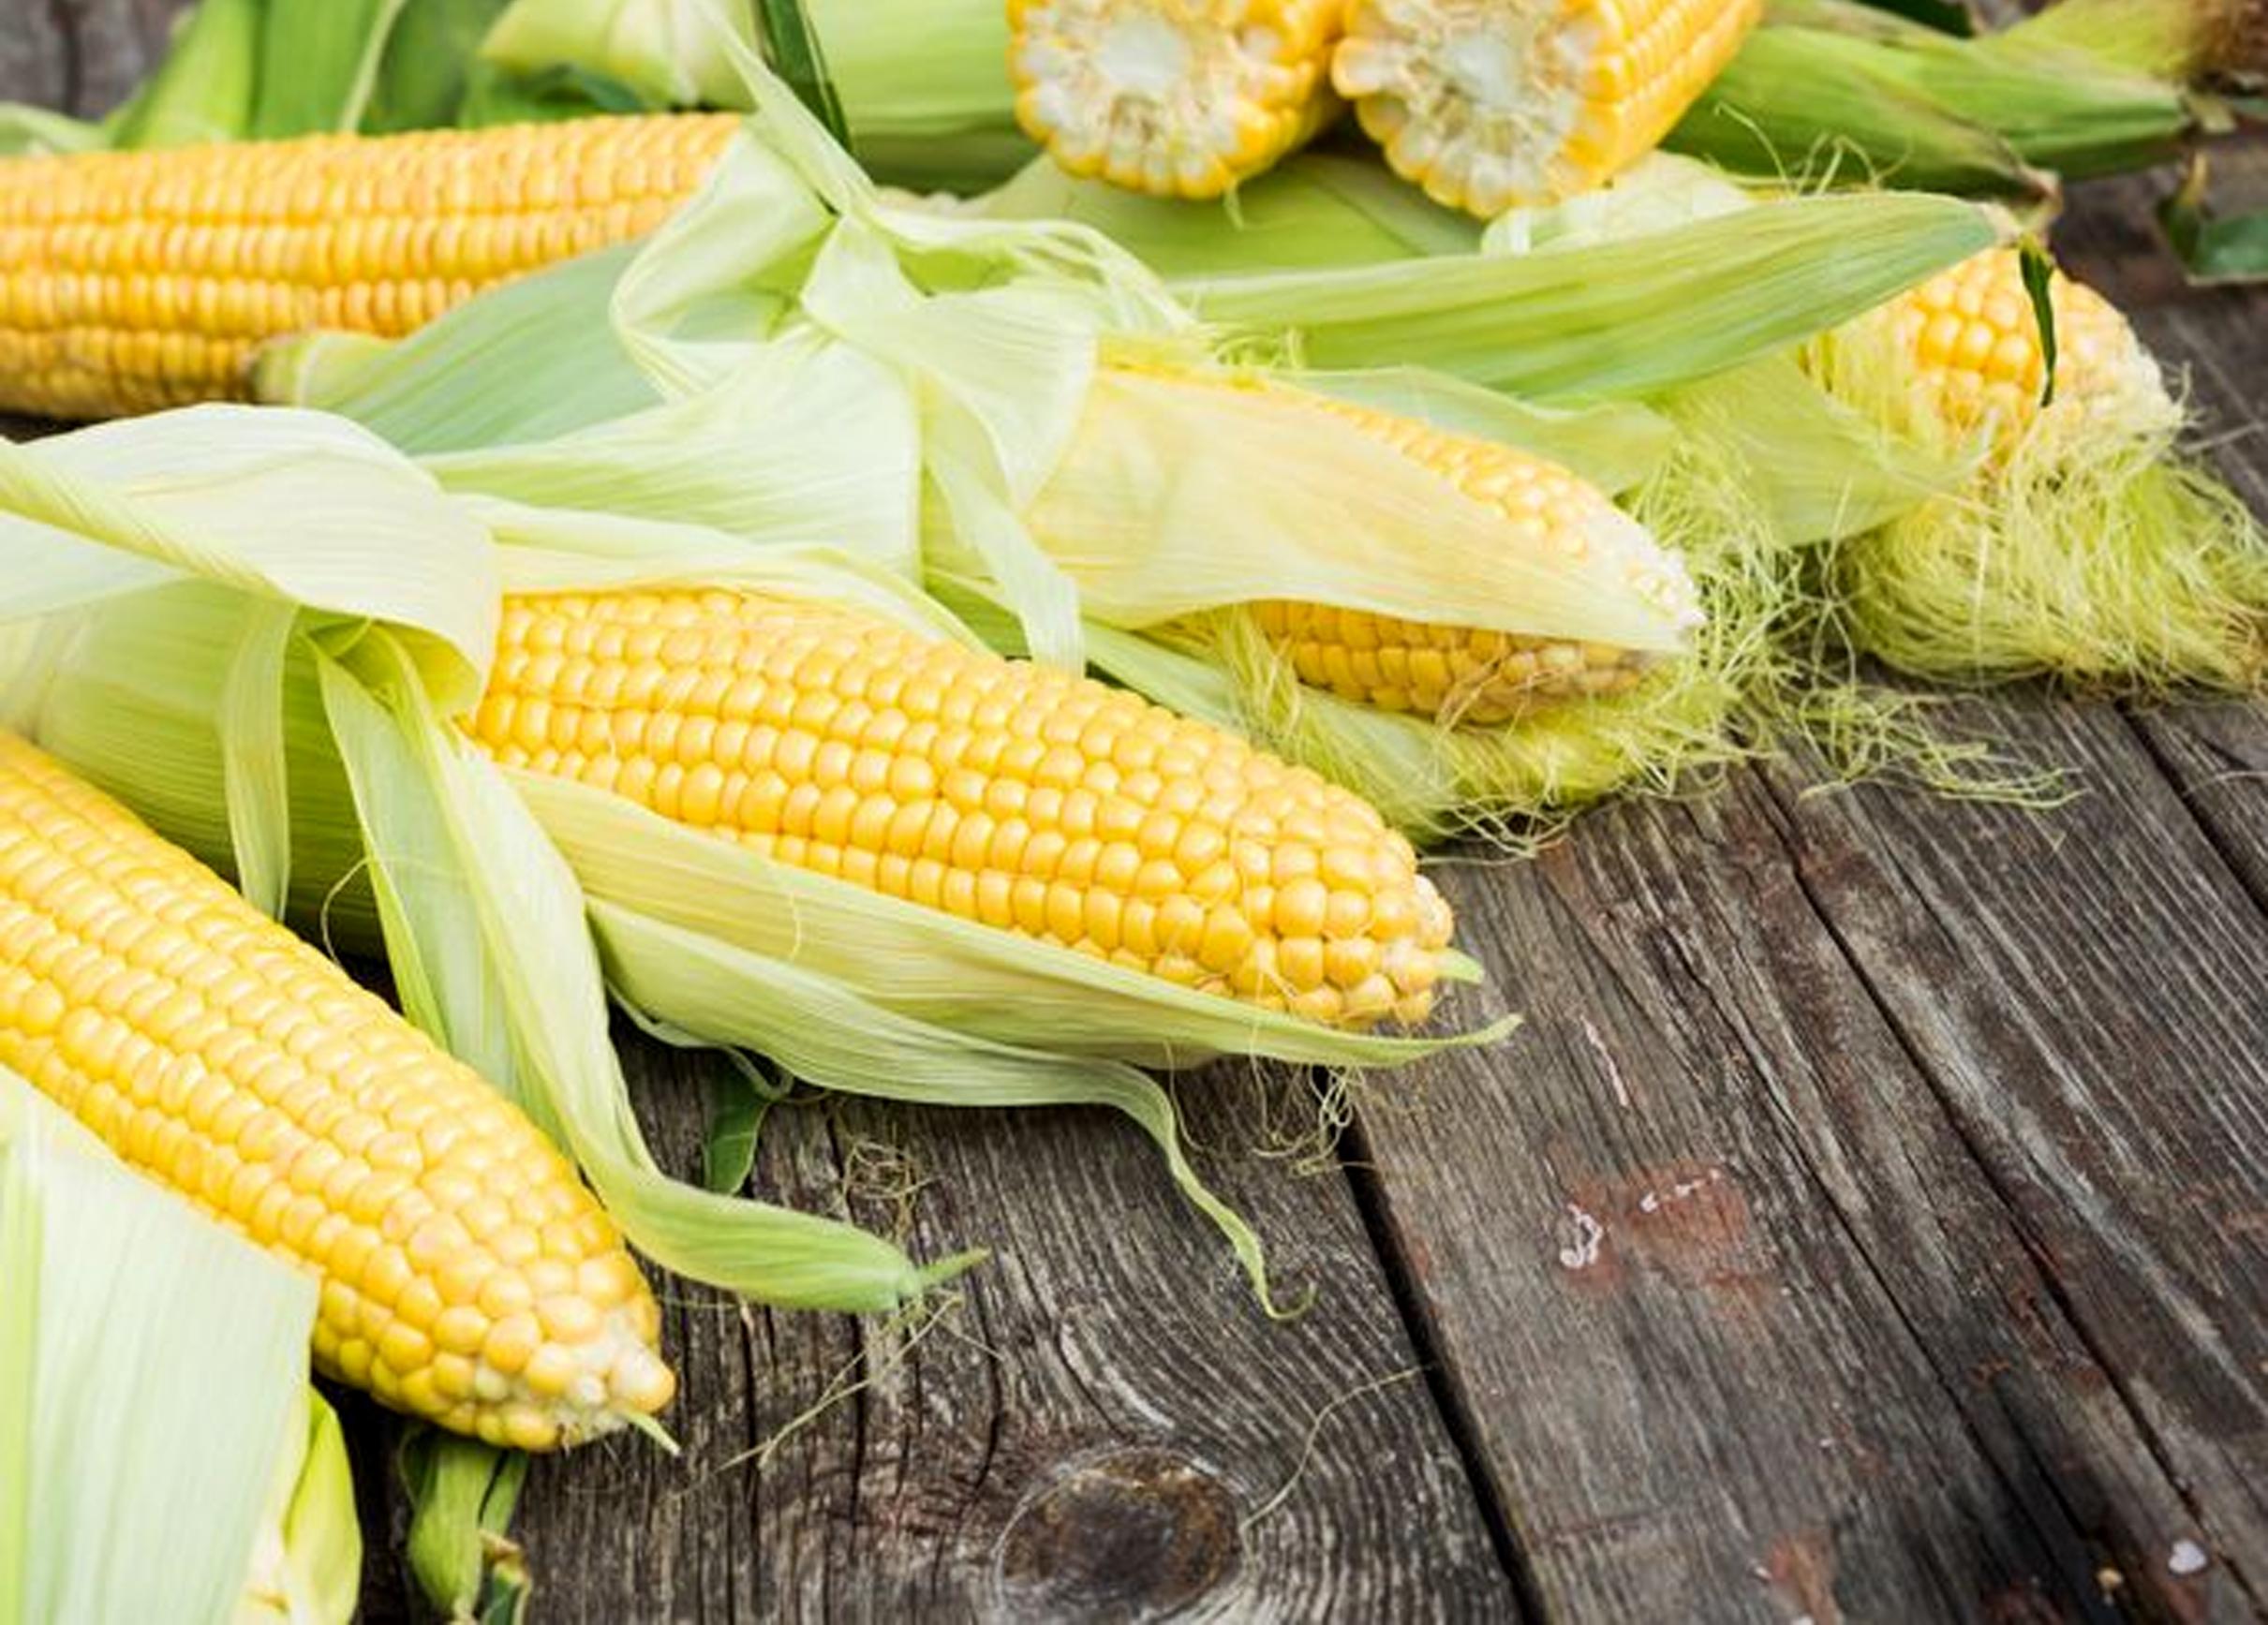 cara menanam jagung manis di polybag